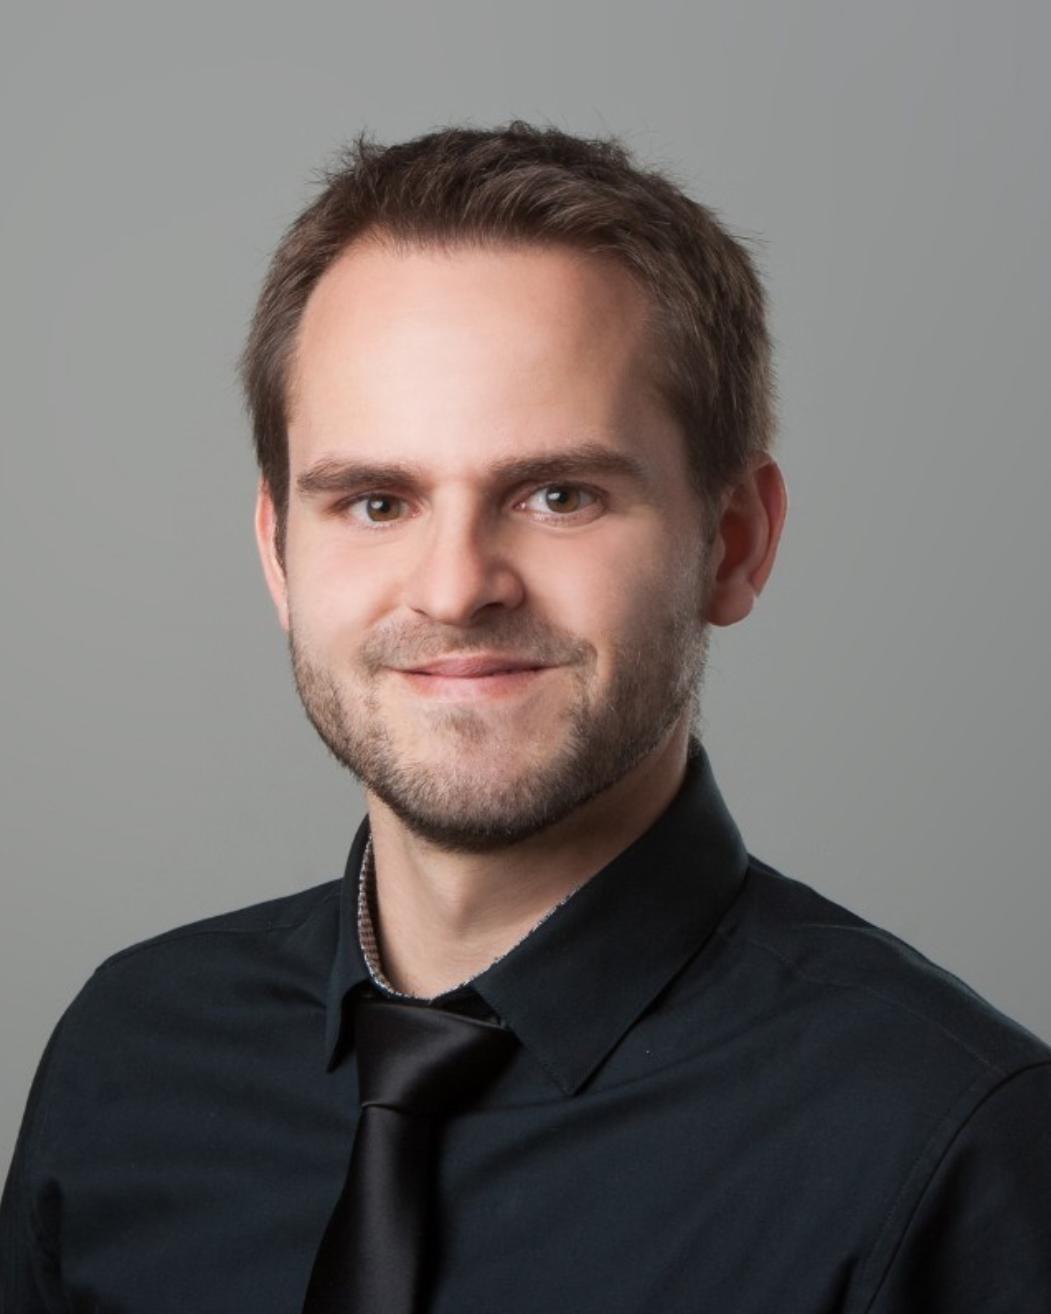 Felix Schuch